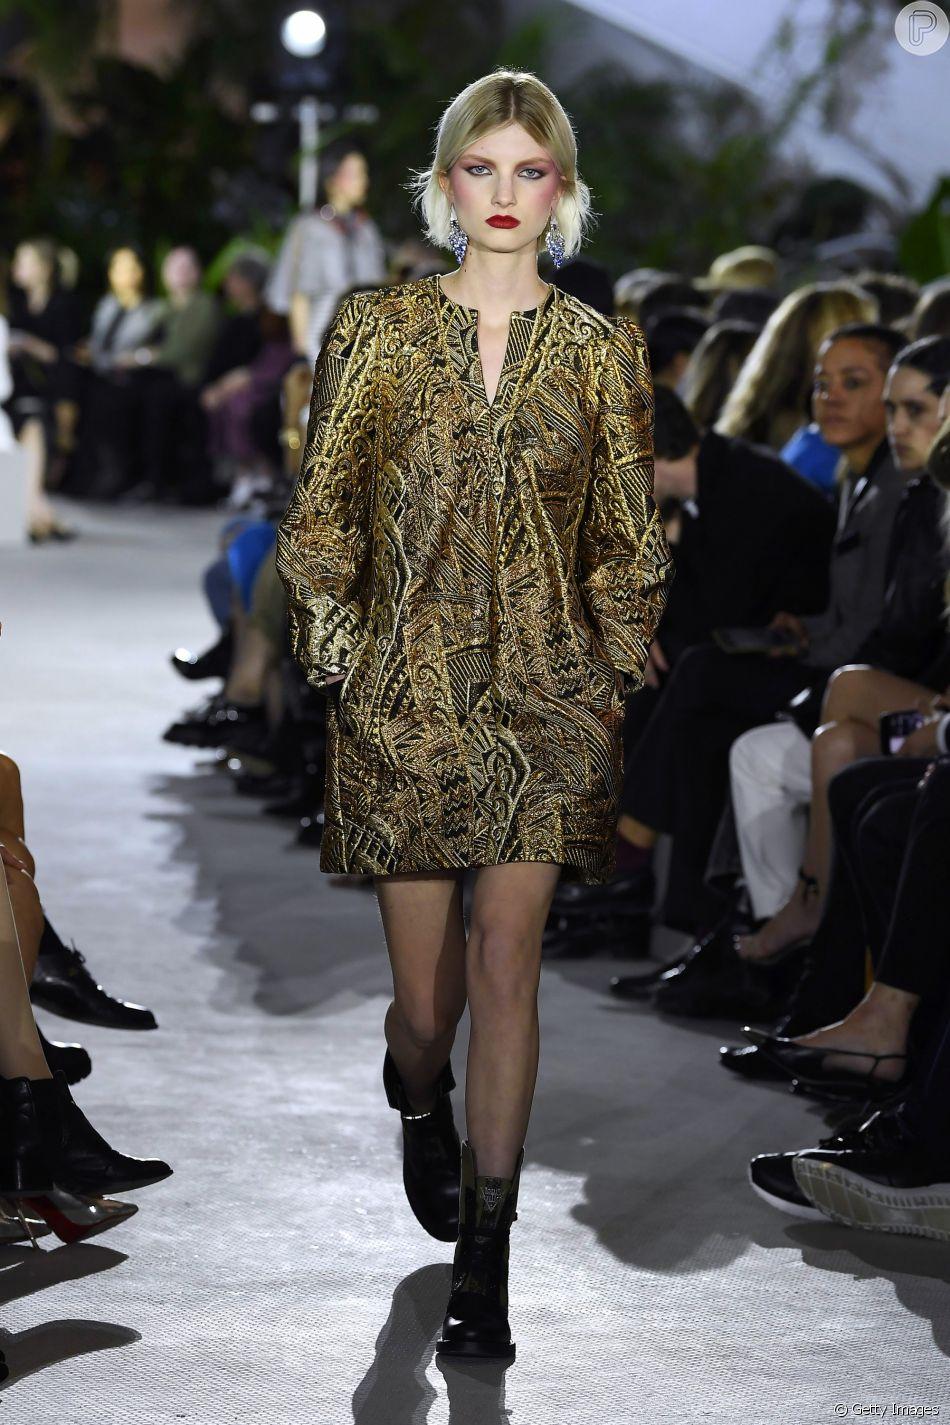 Vestido brocado da Louis Vuitton fica mais despojado com coturno